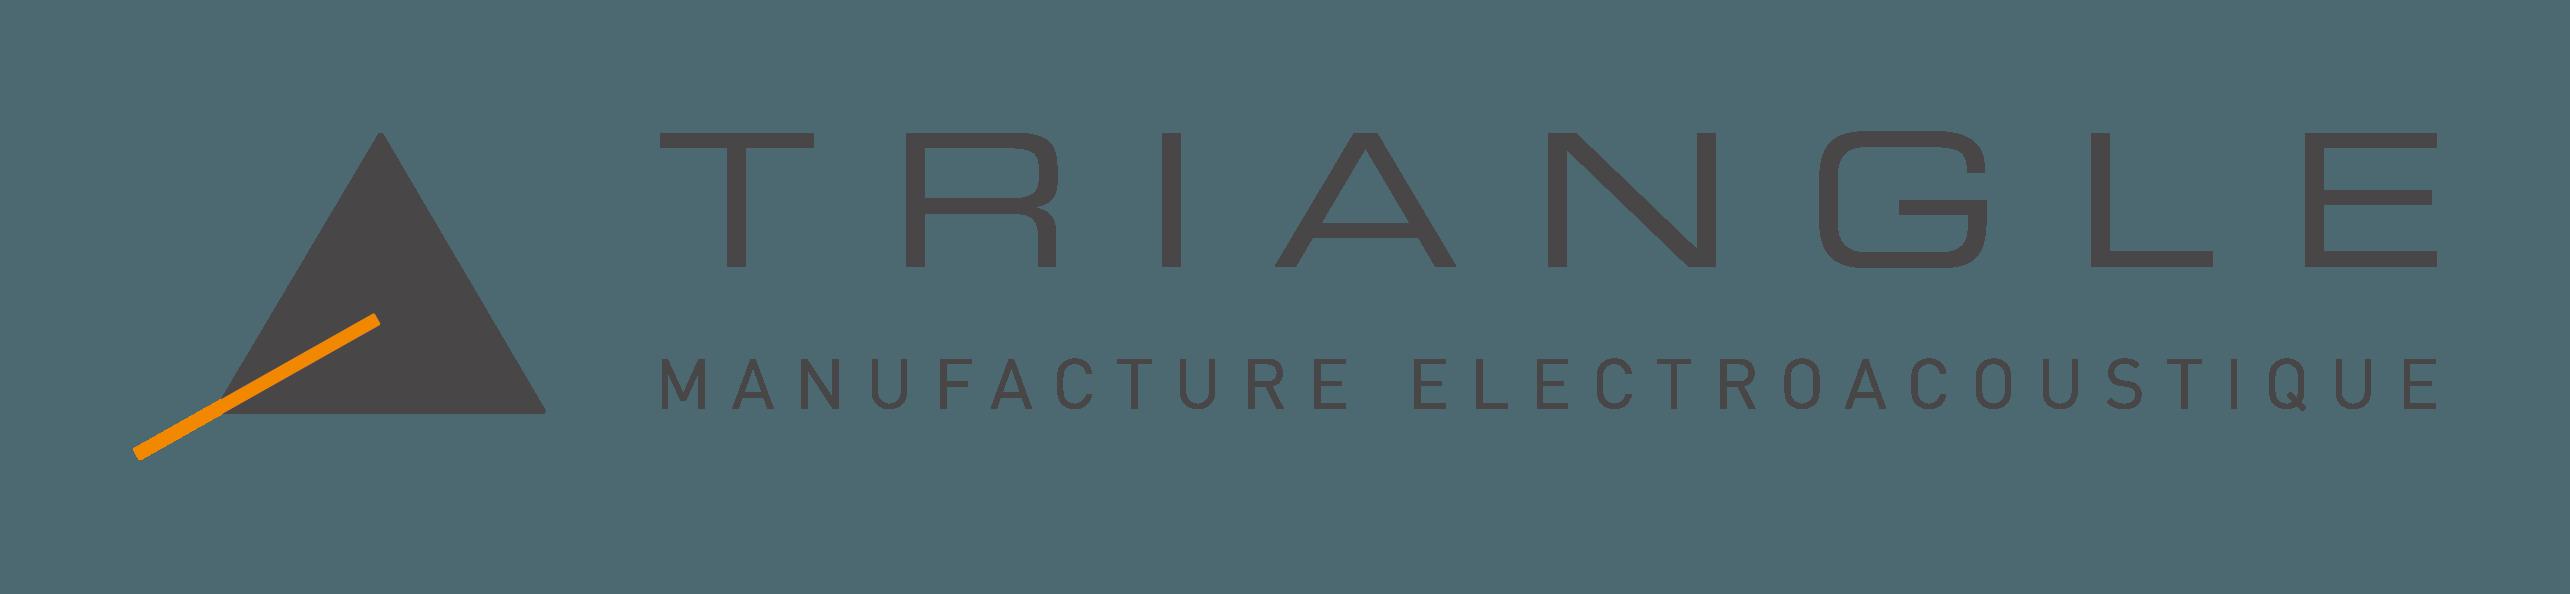 Triangle High End Hifi Speaker Manufacture